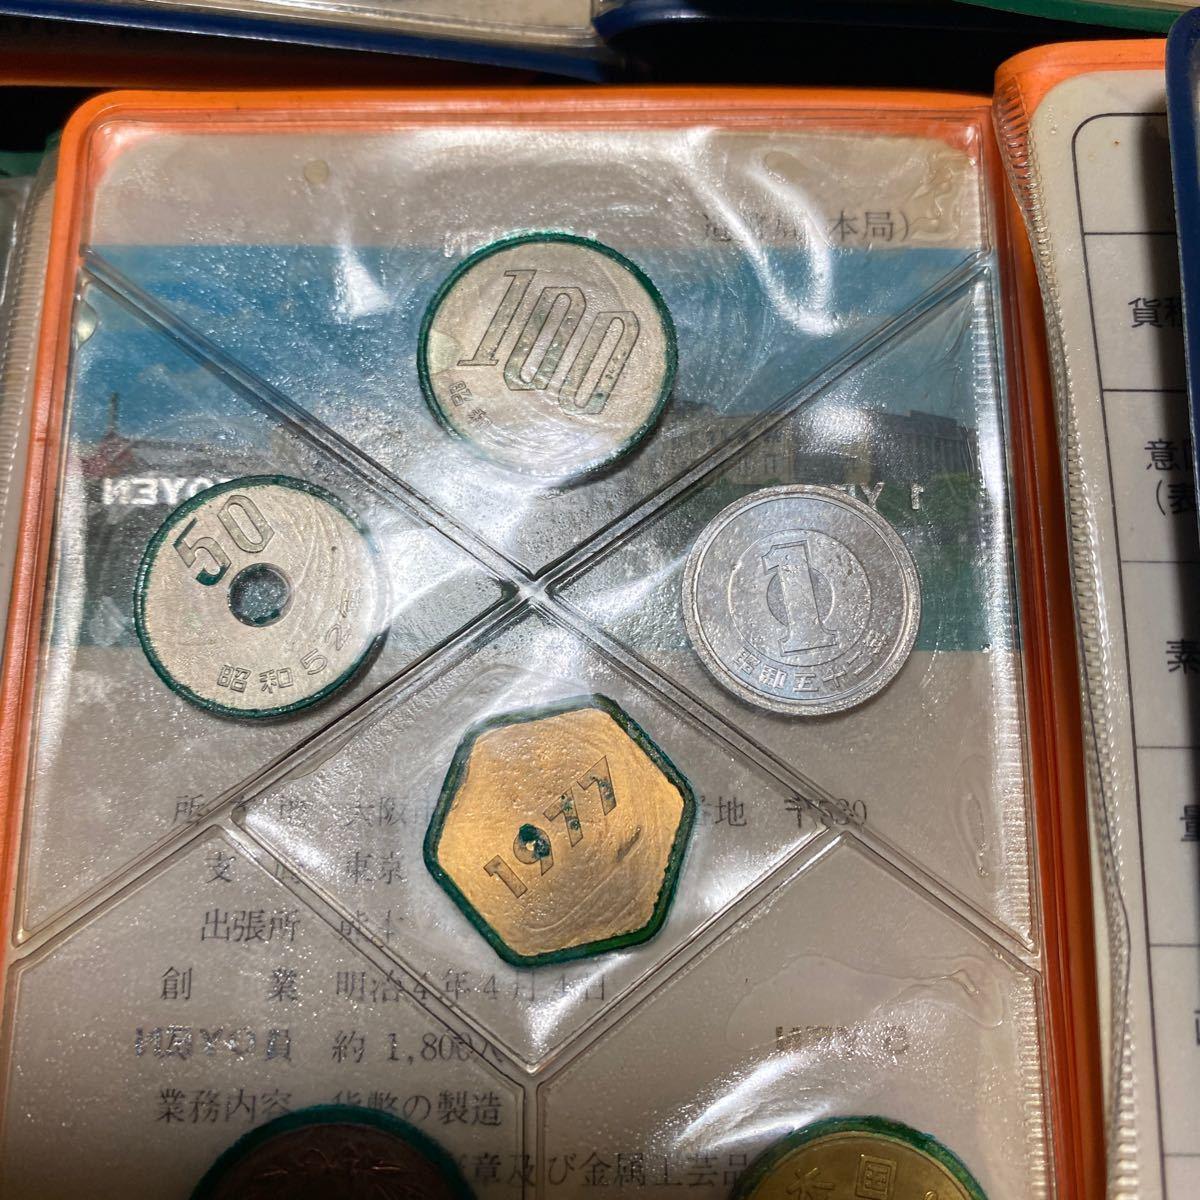 貨幣セット 昭和52年53年55年56年ミントコインです。(ゆうパック着払い)_画像8